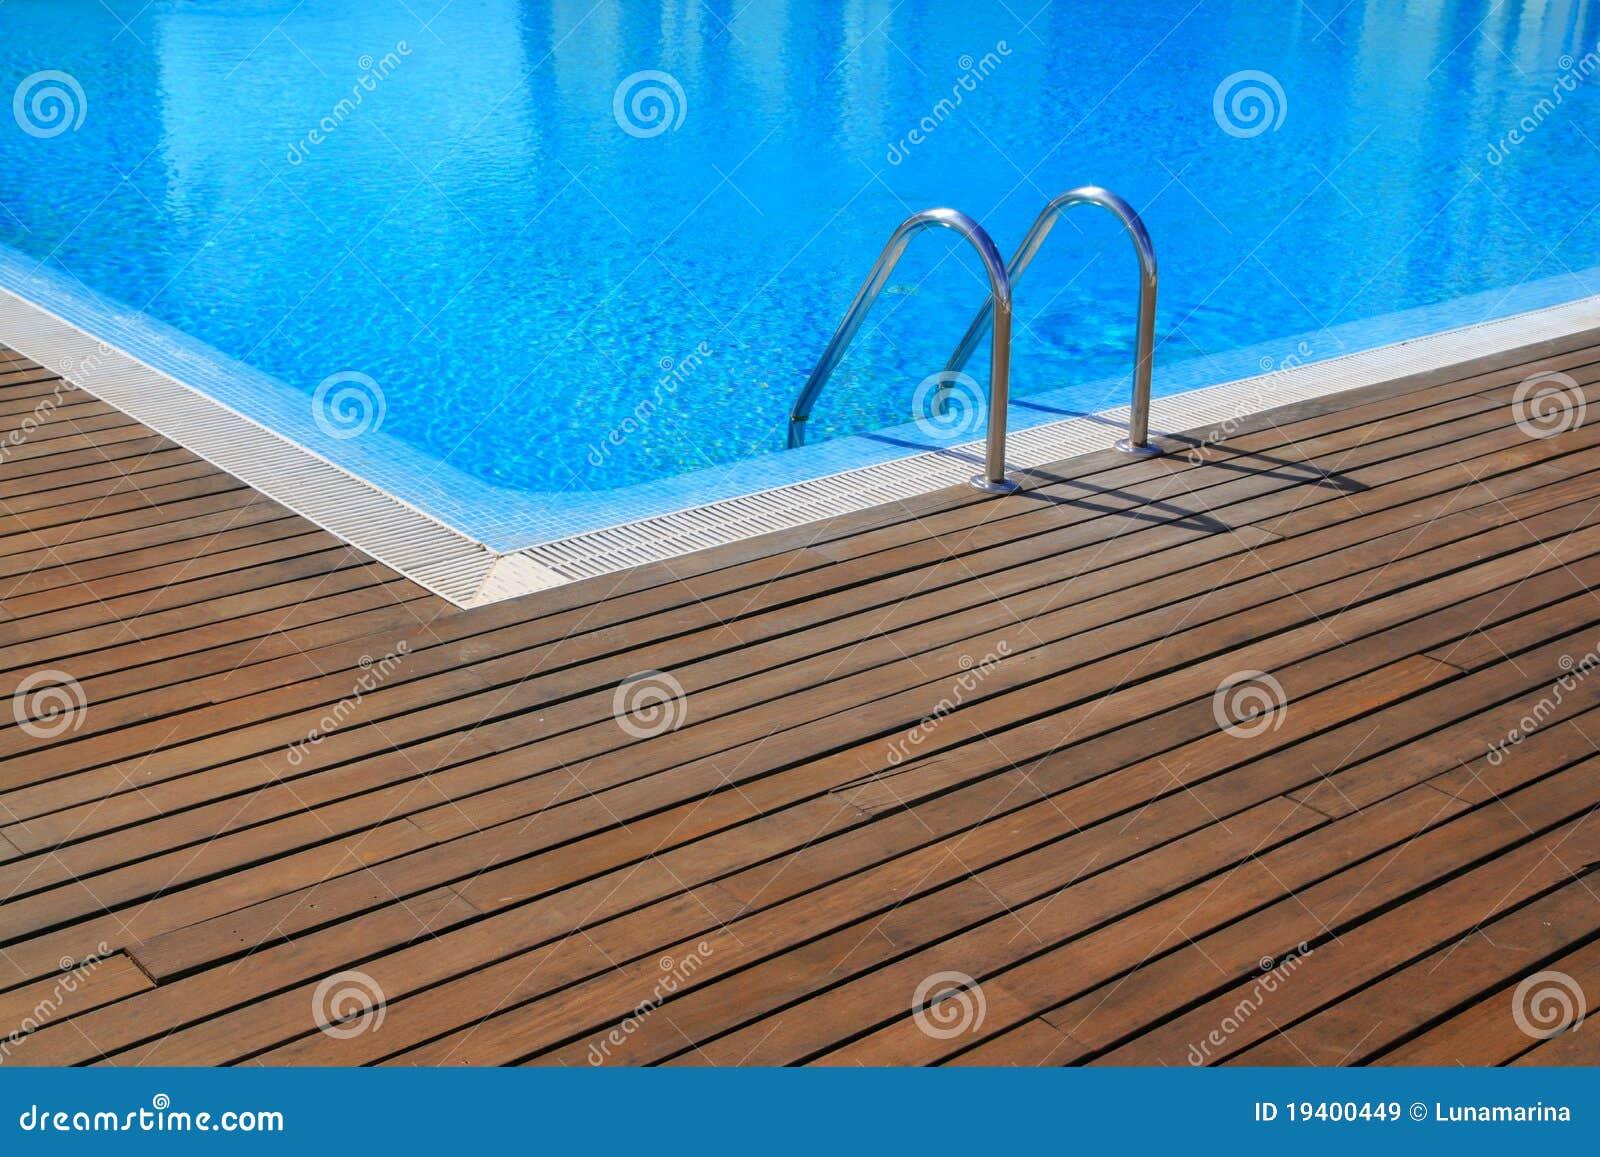 Piscine bleue avec le plancher en bois de teck image stock for Piscine en teck